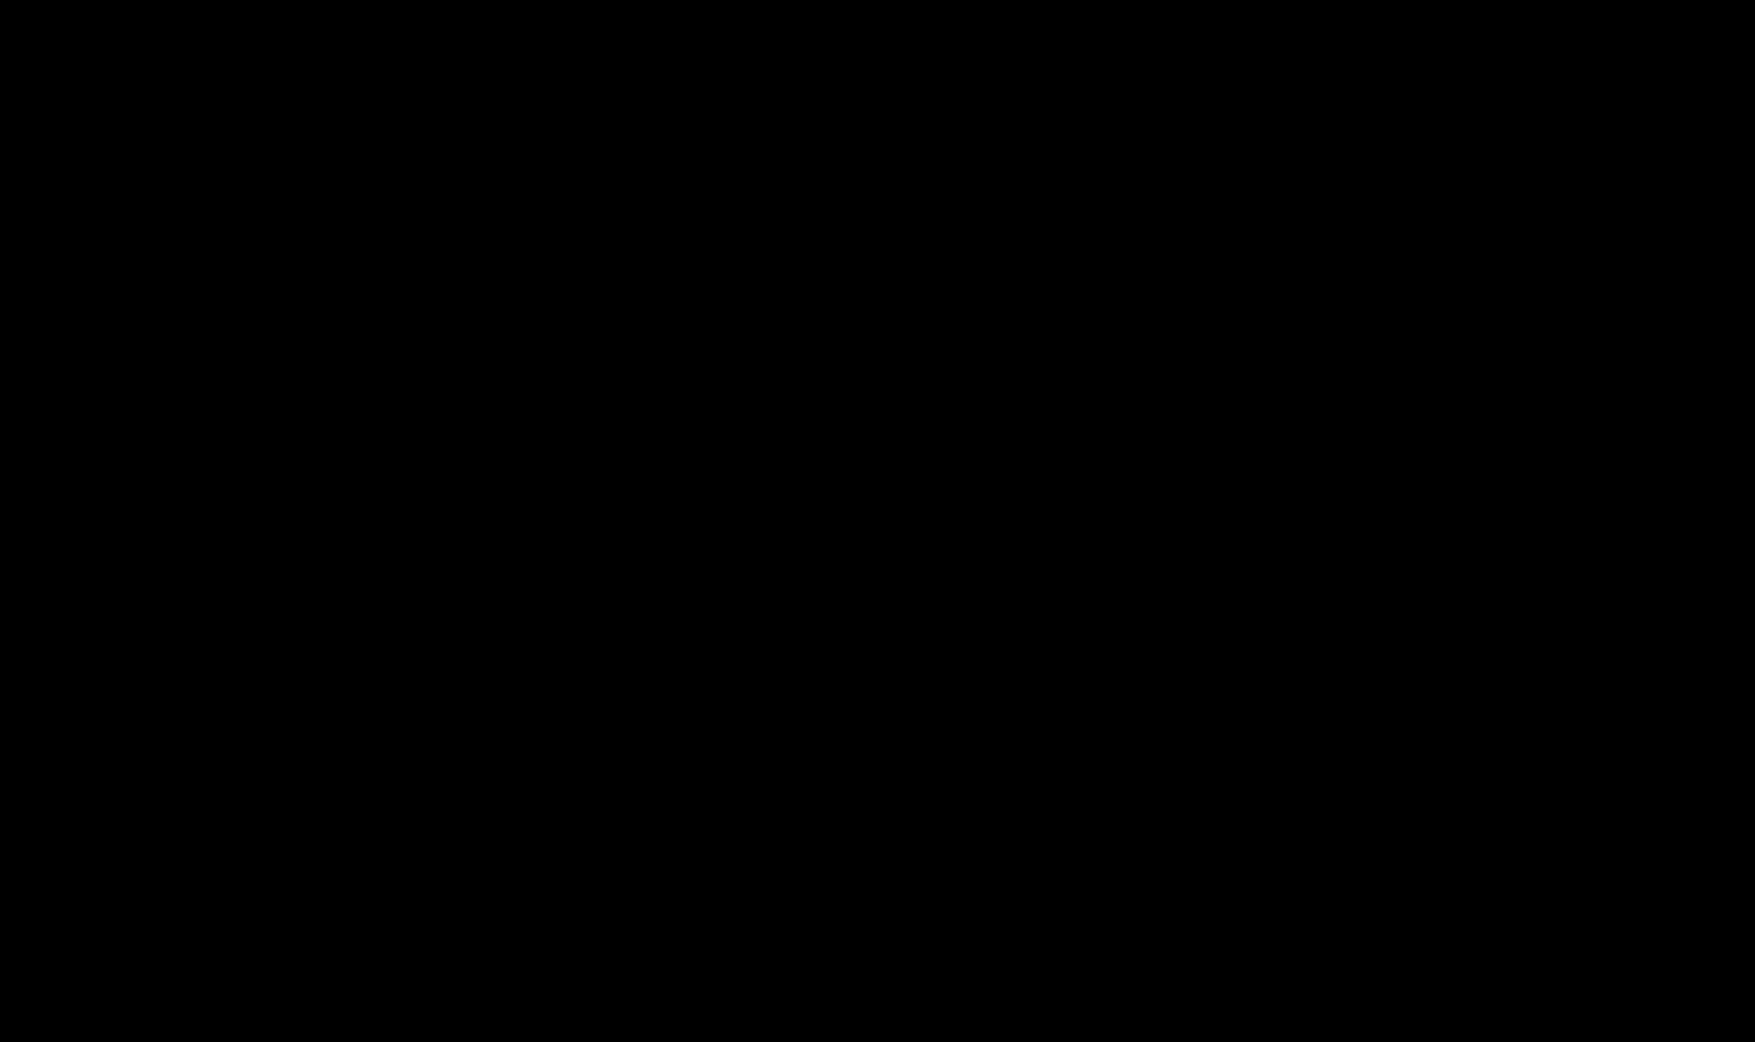 EMIM 2019 Online Program Ge Schematic Diagrams Watt Uniglow on